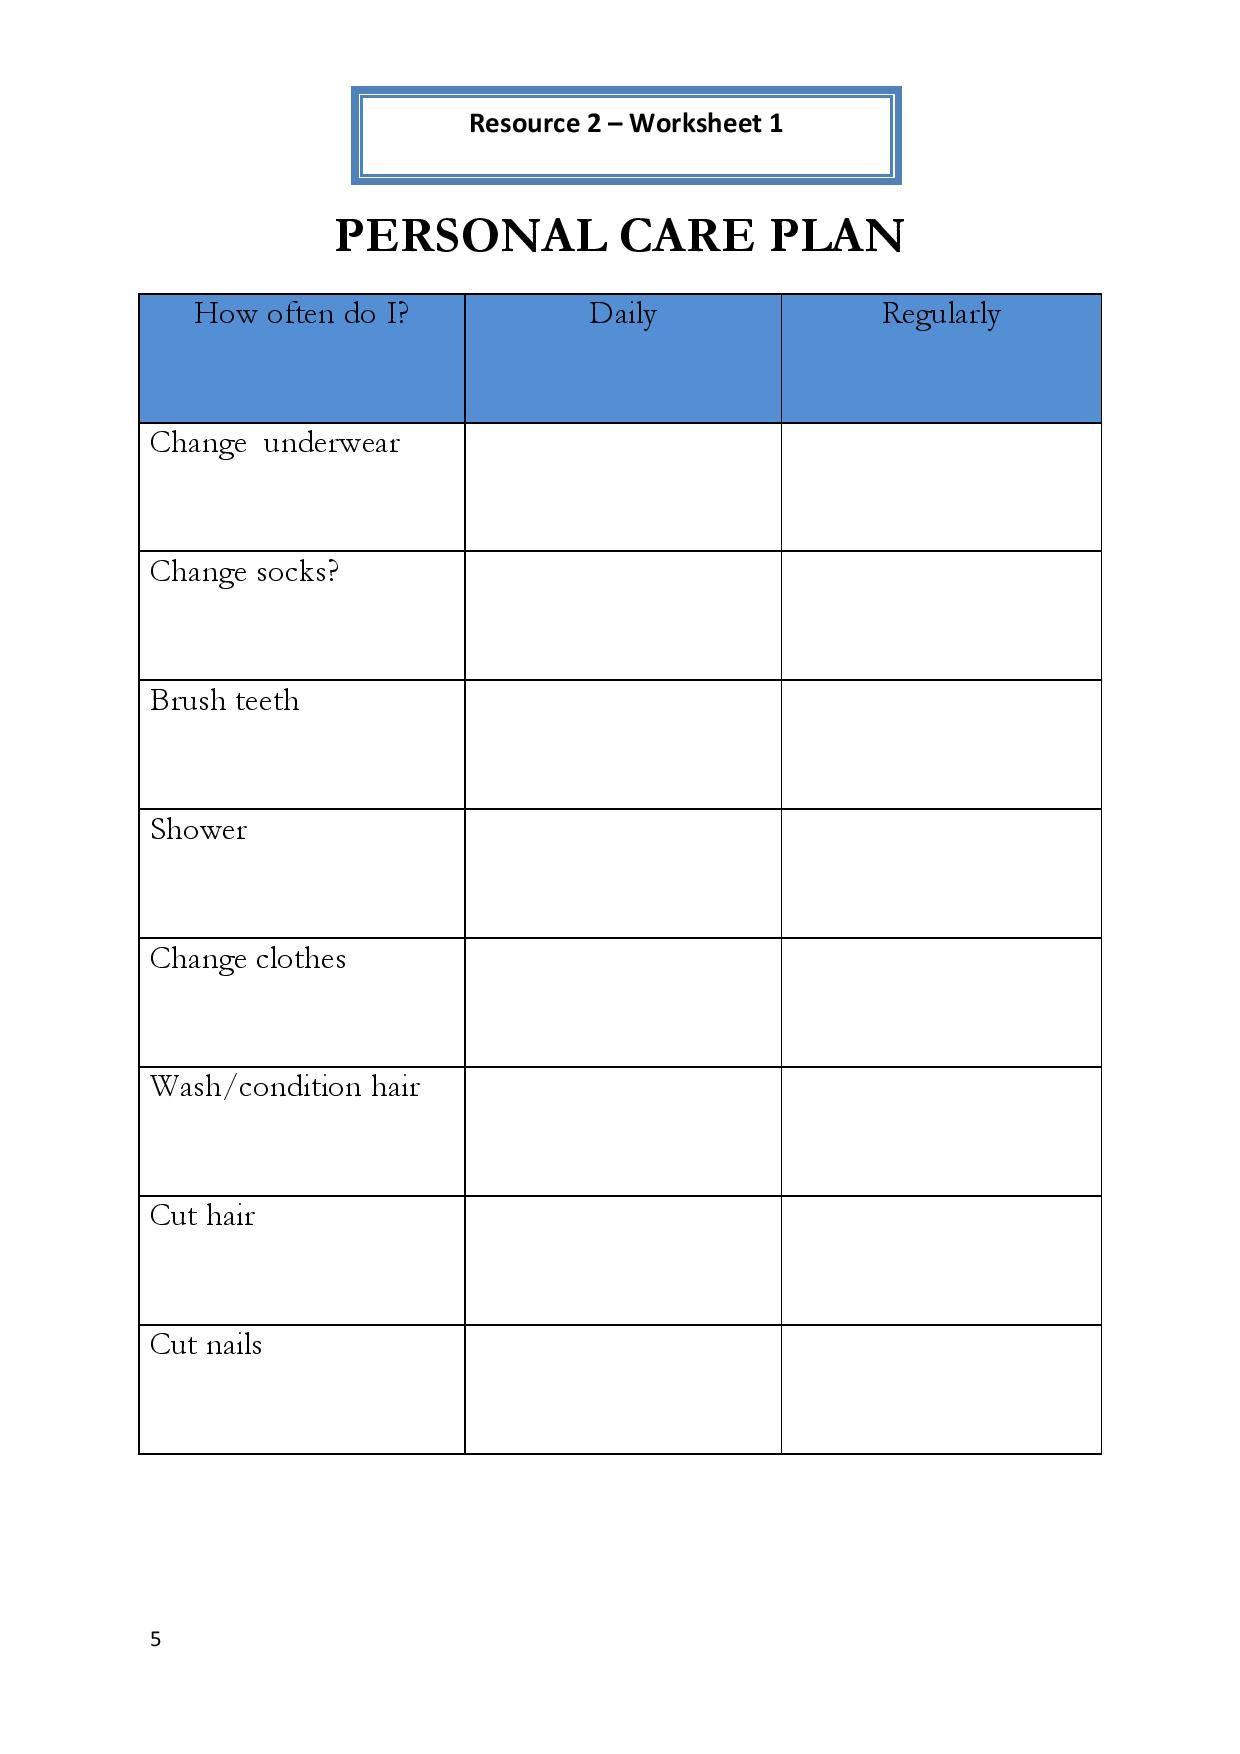 Personal Hygiene Worksheet 1 1 240 1 754 Pixels